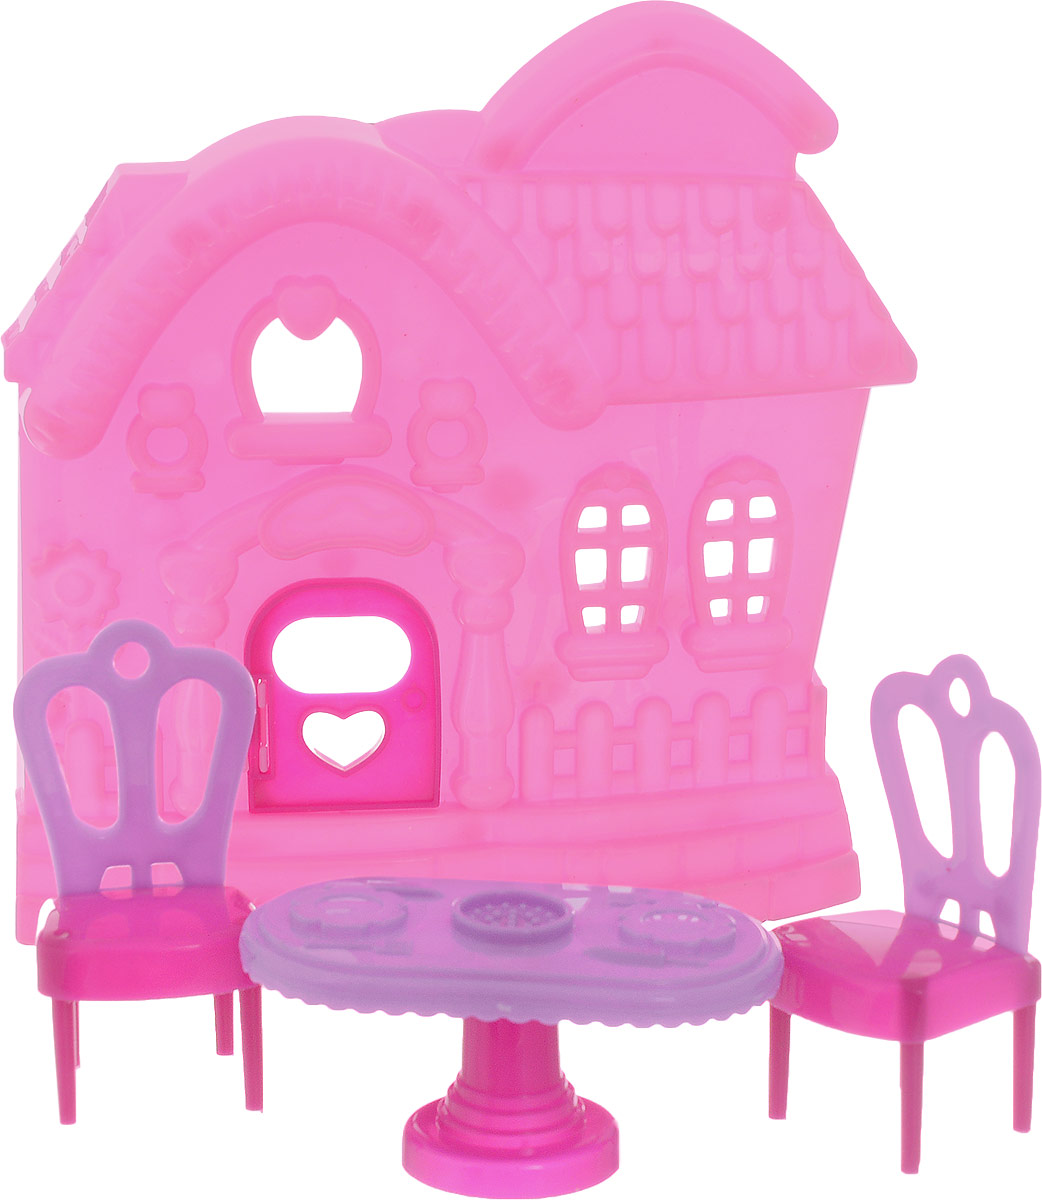 ABtoys Мебель для кукол Домик цвет розовый конструкторы happykon кукольный домик хэппидом коттедж с мебелью для кукол из дерева